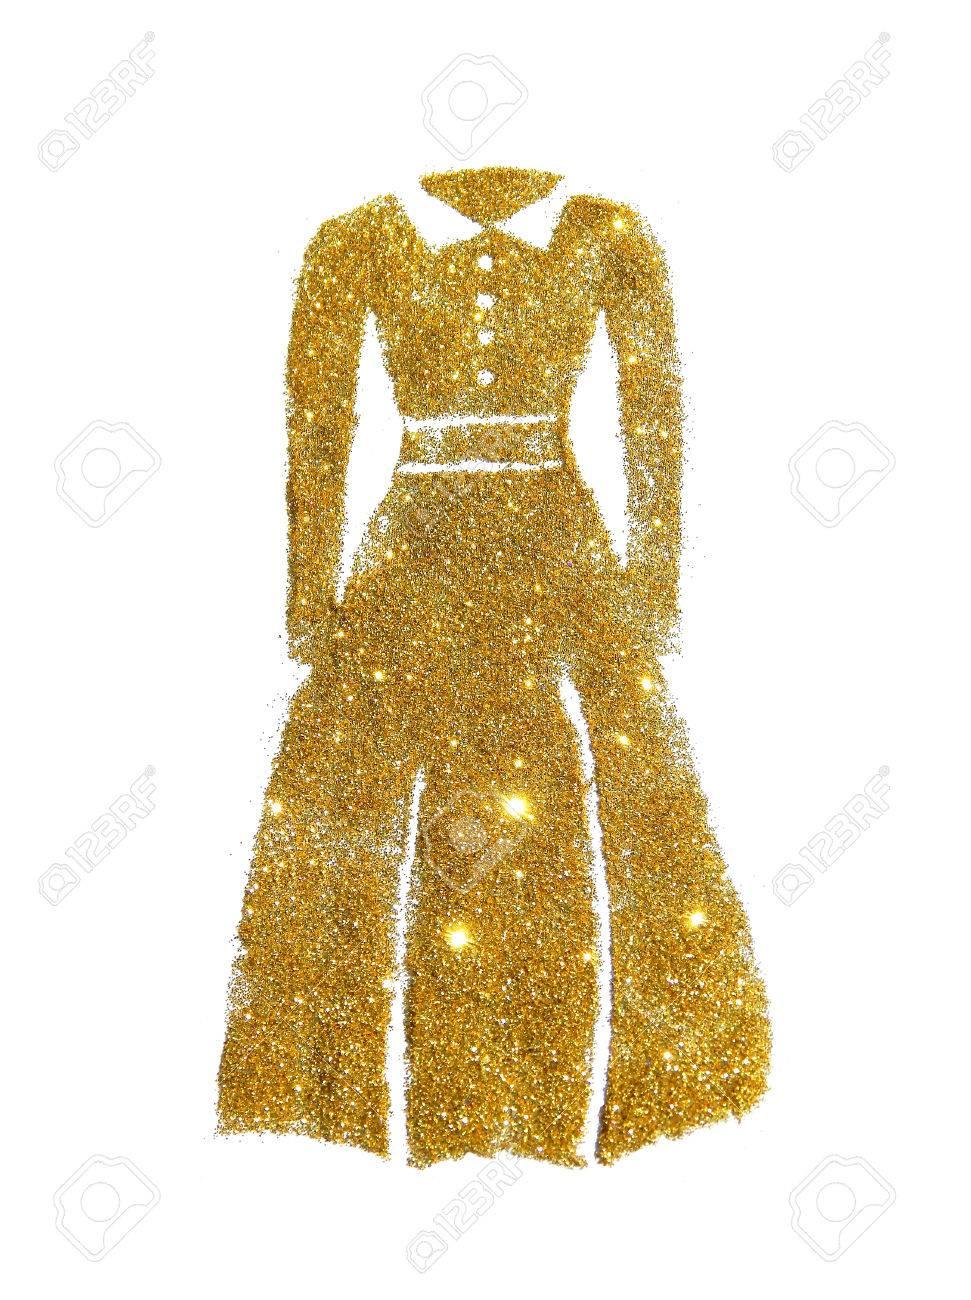 a3cf89c9d86ec Banque d images - Robe à manches longues avec col de paillettes dorées sur  fond blanc